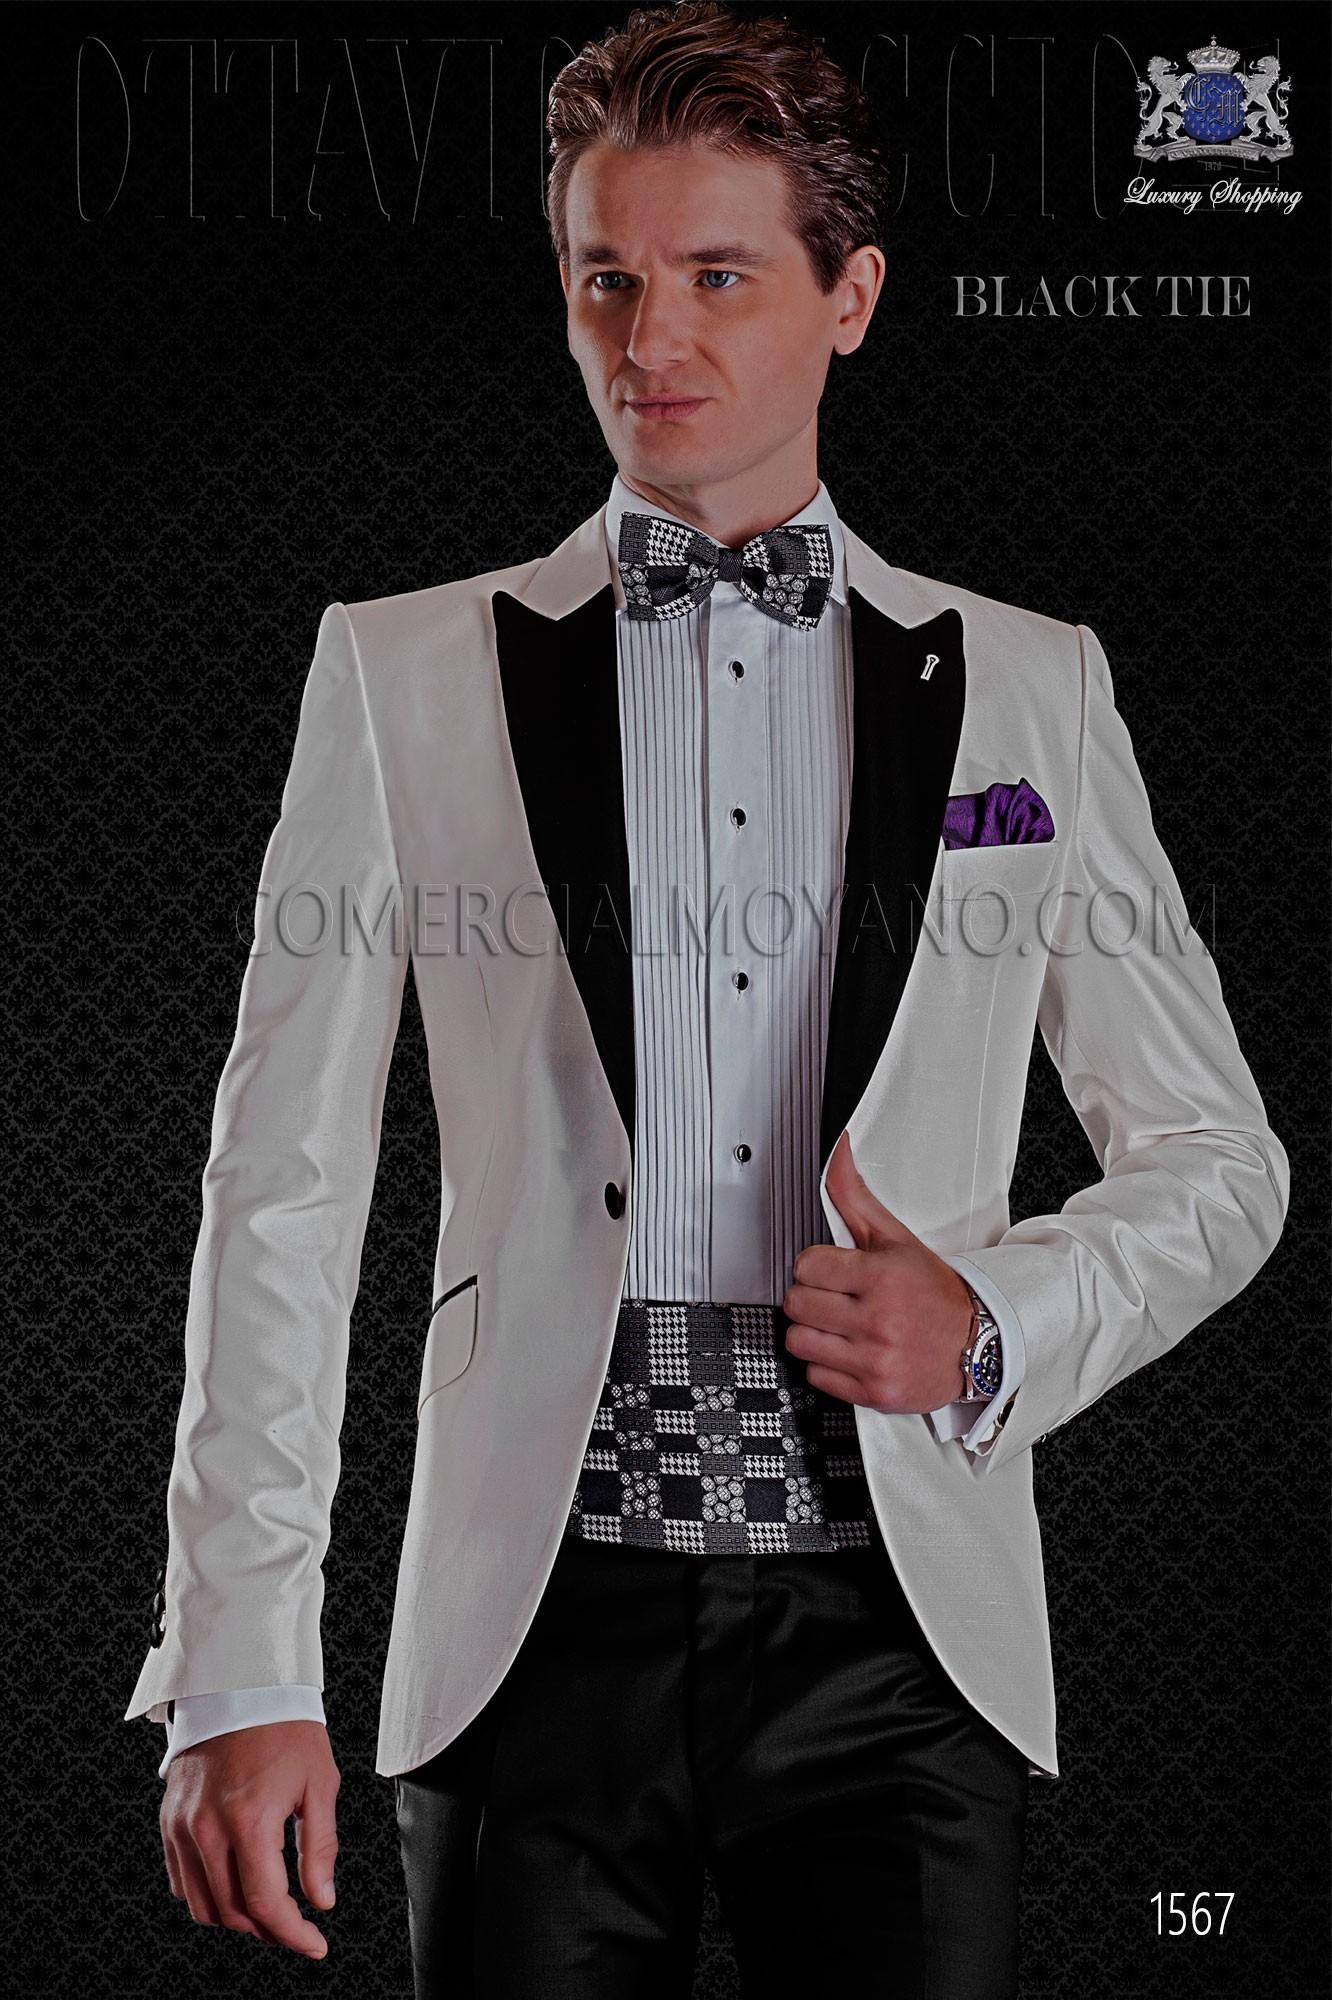 d9b13137ce6 Italian white shantung tuxedo with peak lapels Ottavio Nuccio 1567